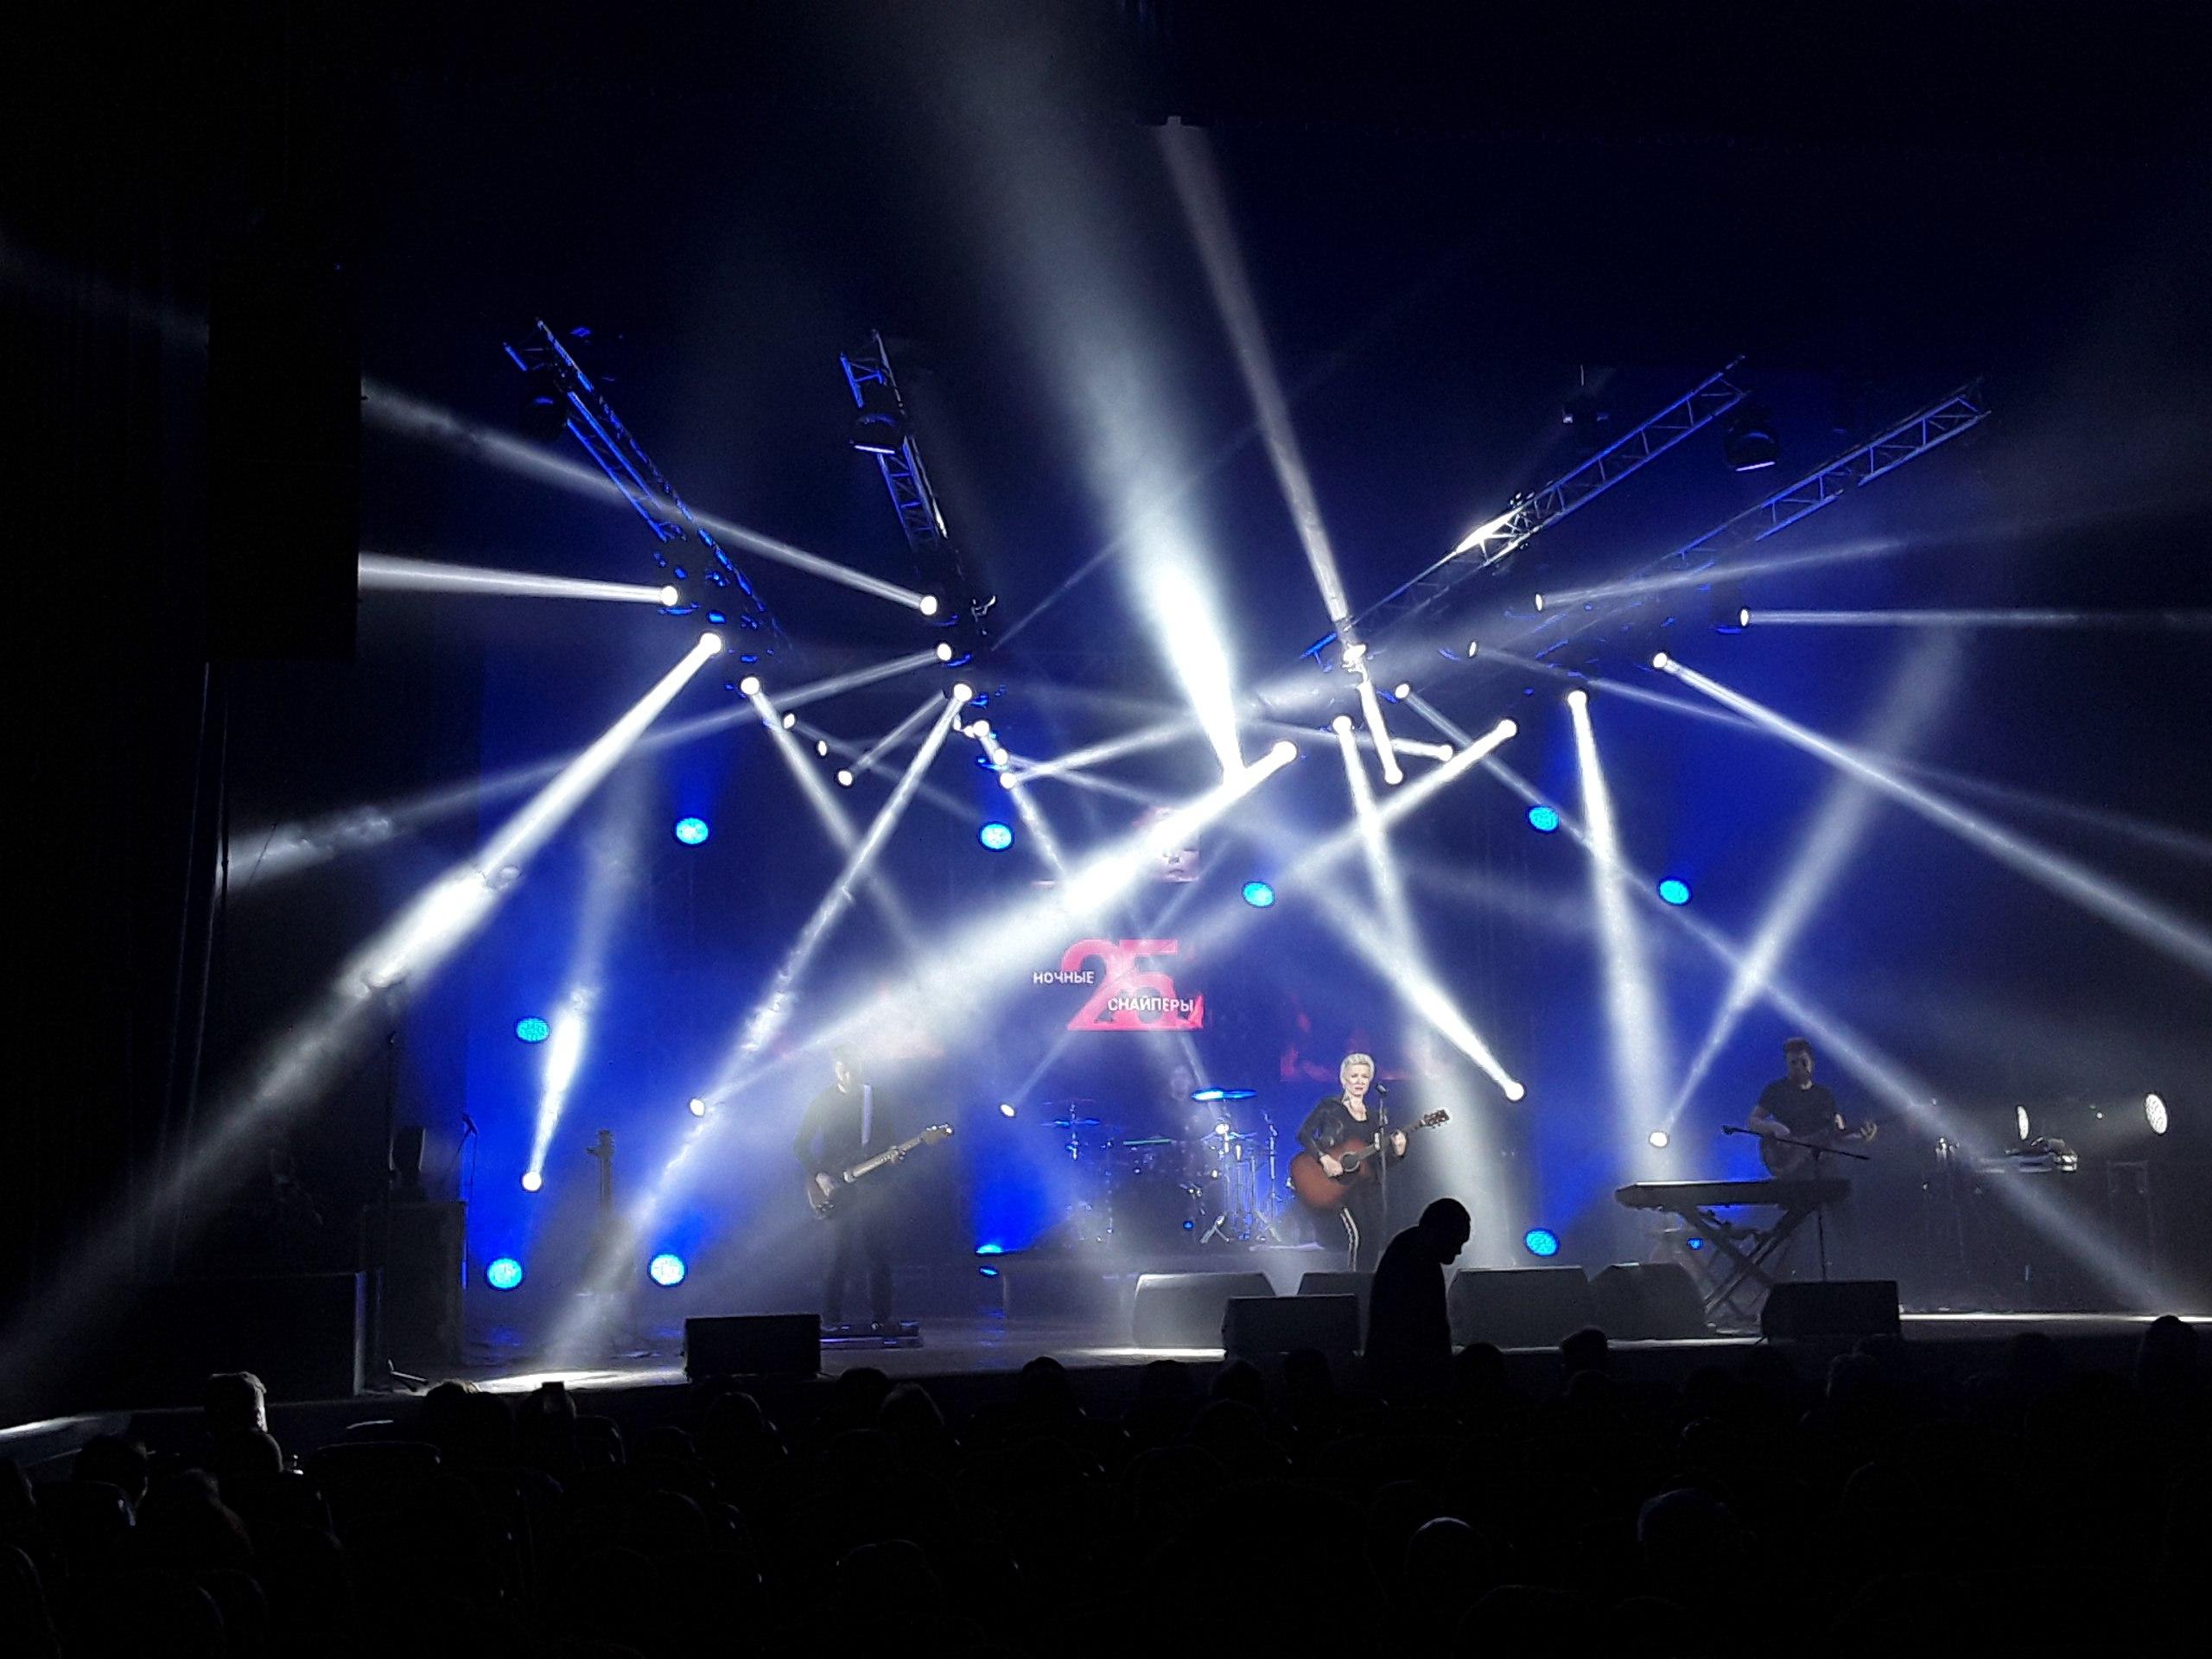 Создай картинку: рок-концерт